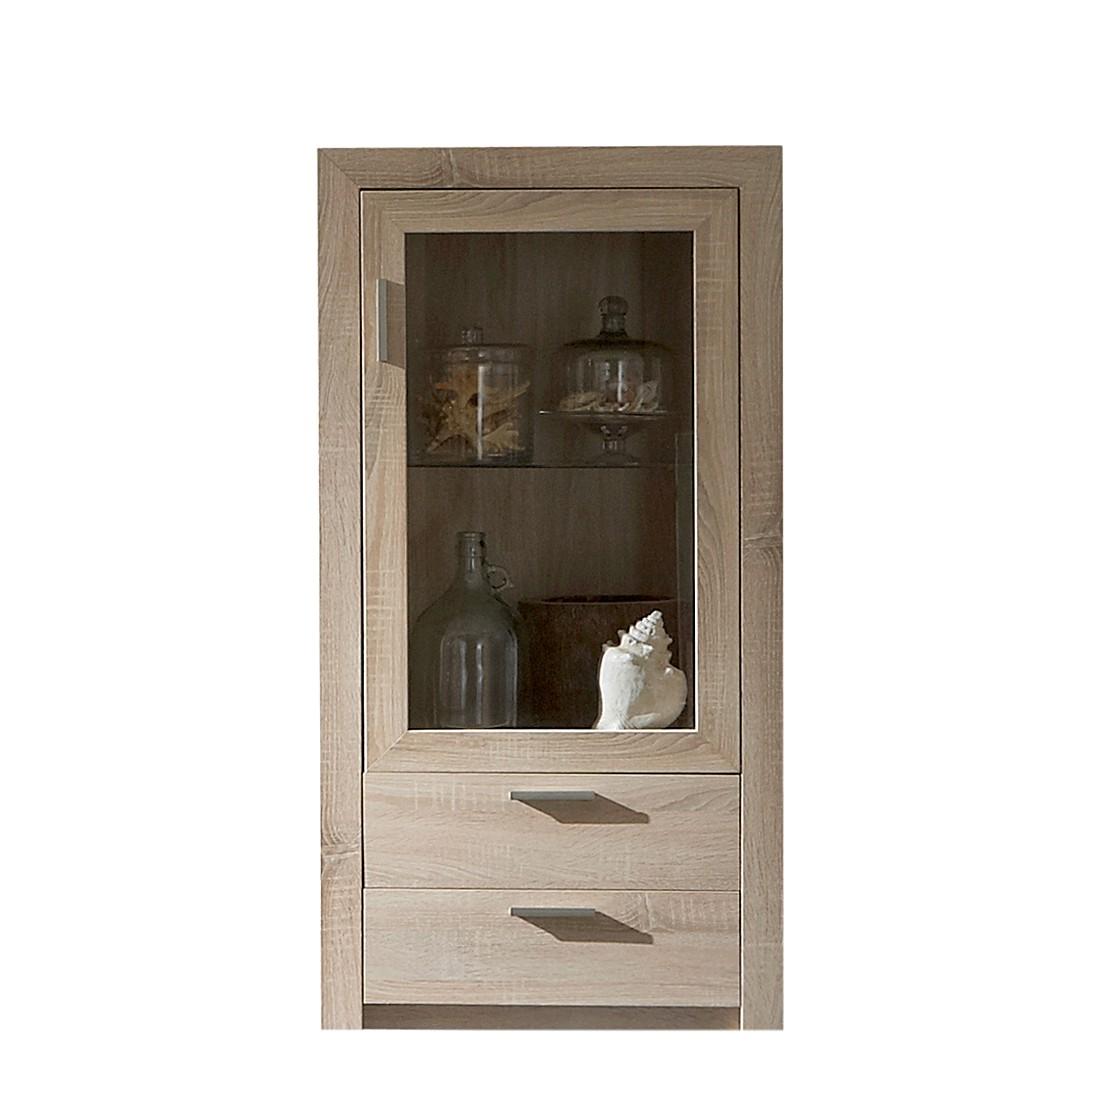 k chenstuhl zyamonicus eiche s gerau dekor wei formholz kunstleder tollhaus m bel kaufen. Black Bedroom Furniture Sets. Home Design Ideas